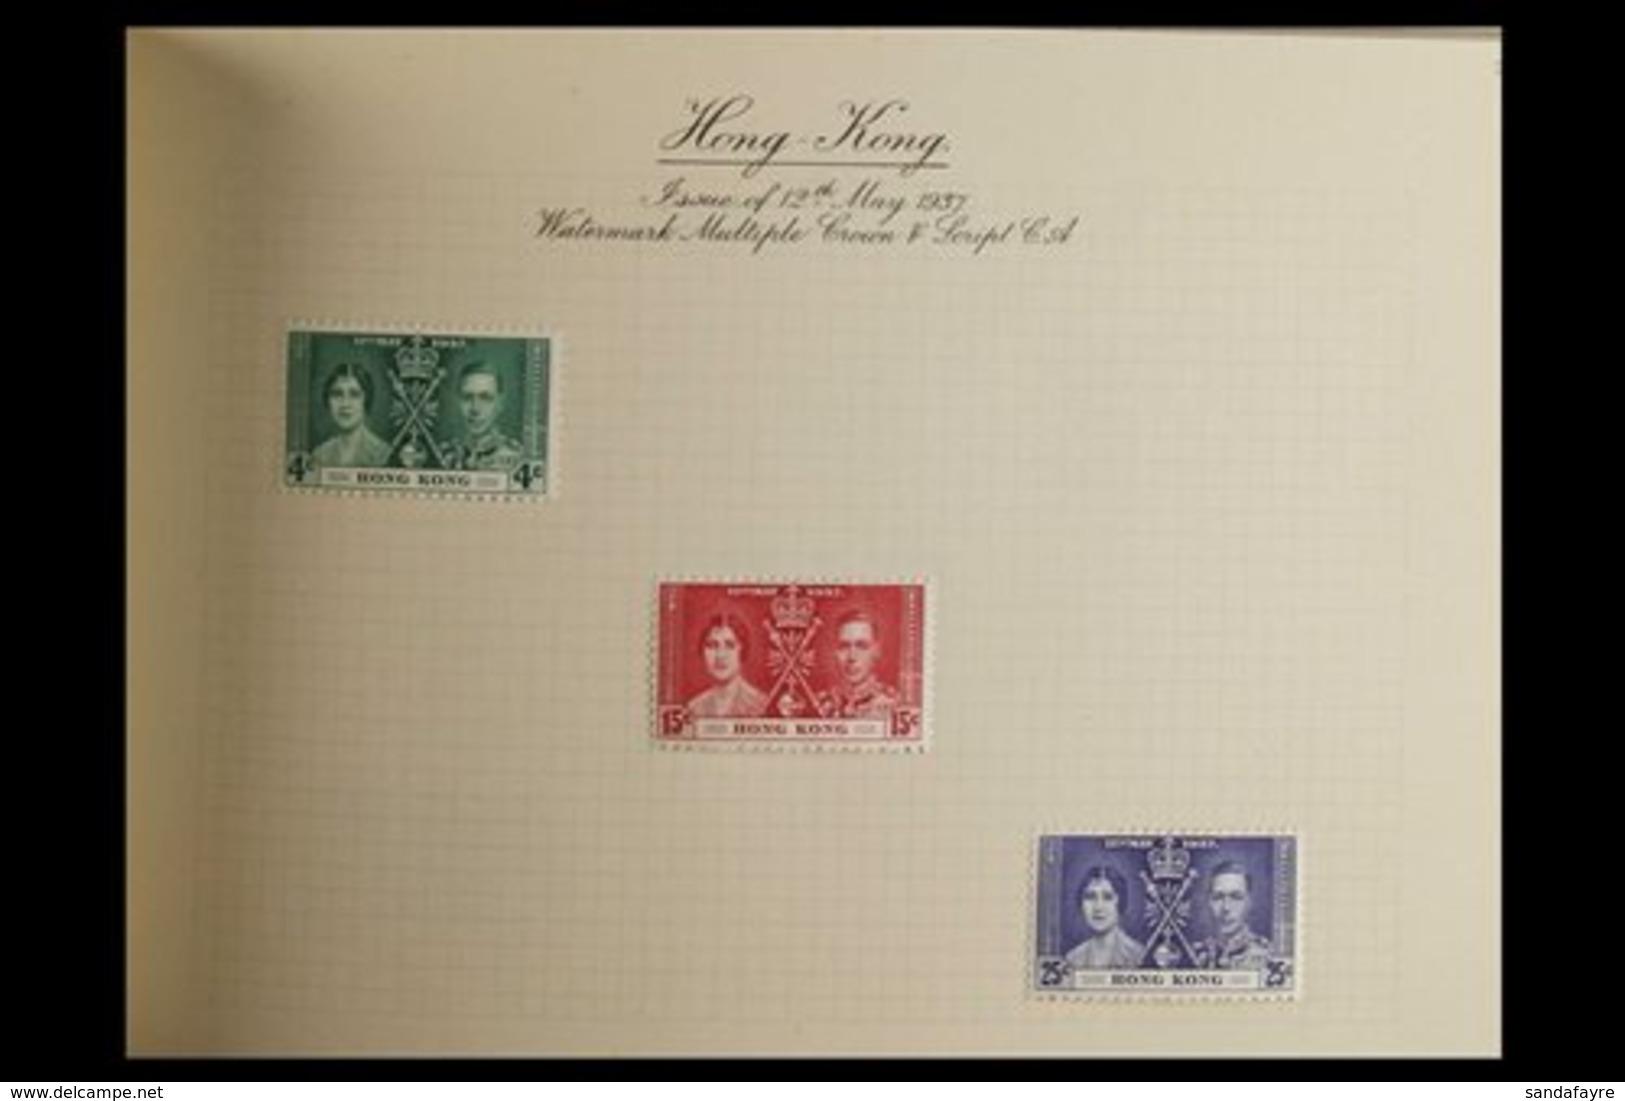 BRITISH COMMONWEALTH OMNIBUS FINE MINT COLLECTIONS. 1937-1953 FINE MINT COLLECTIONS In Special Dedicated Albums. Compri - Unclassified